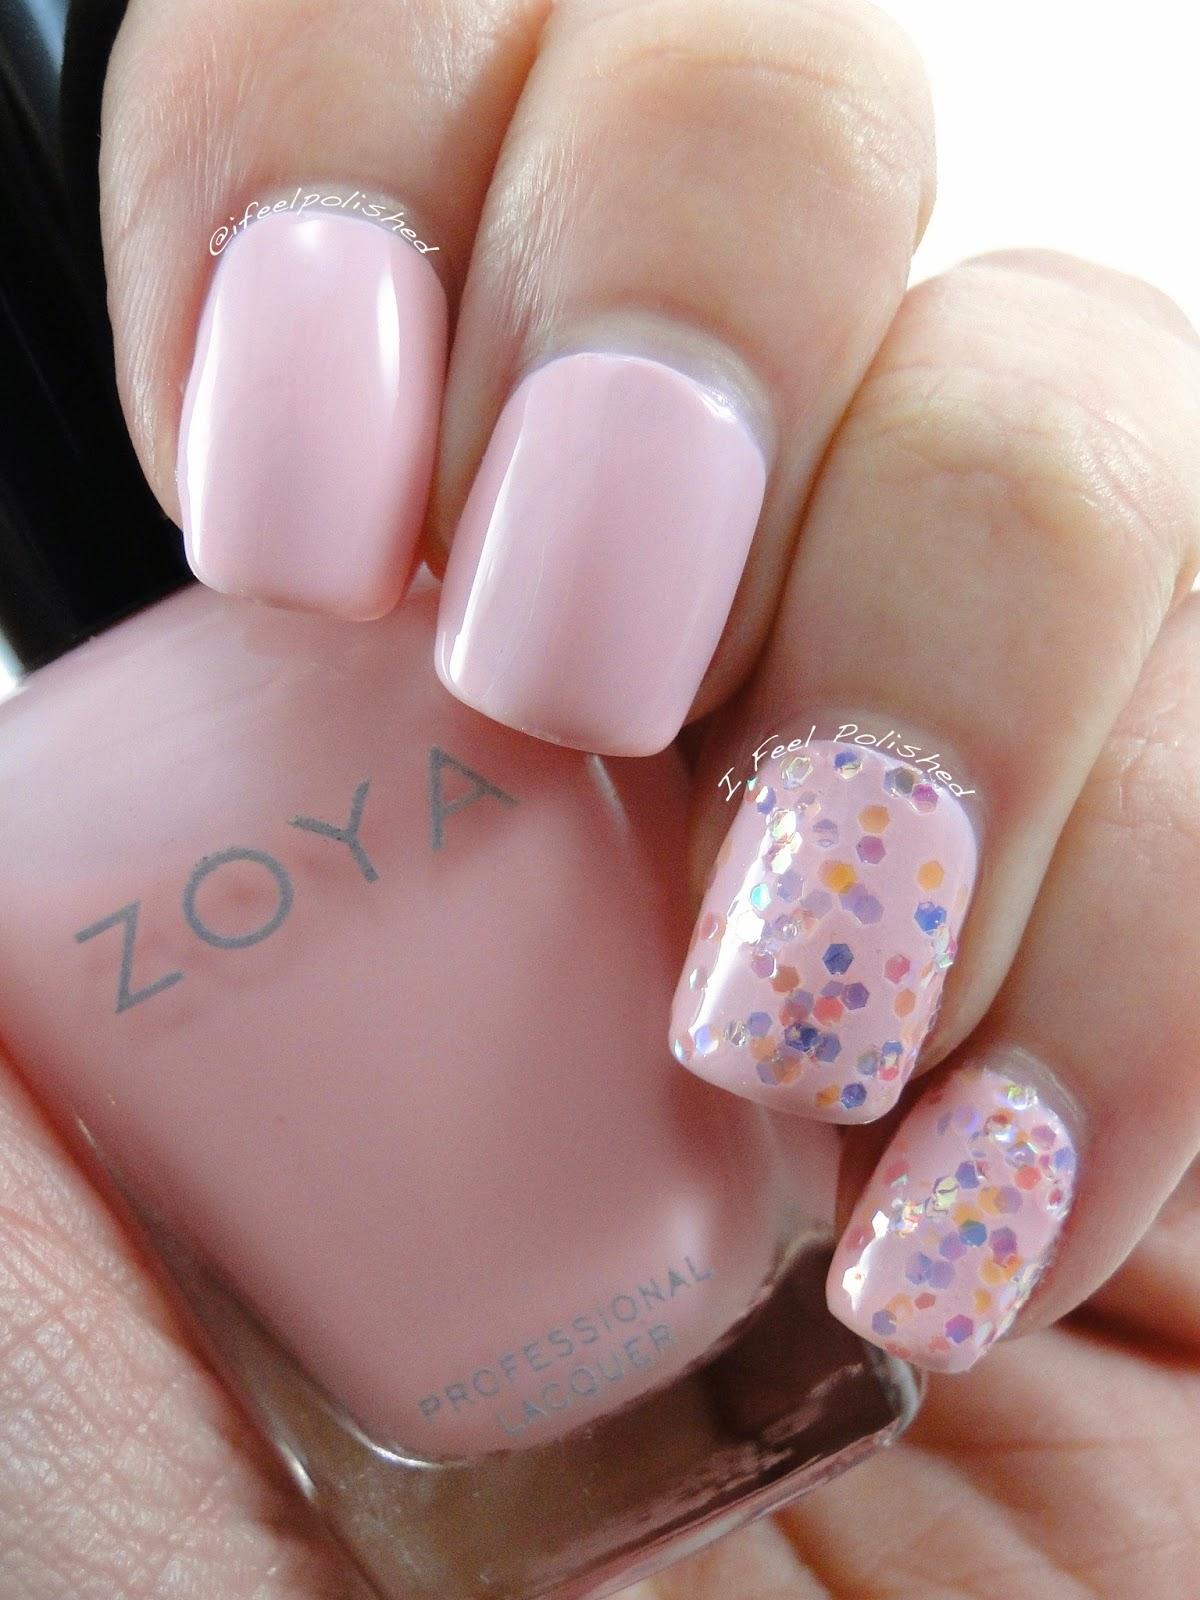 Zoya Dot